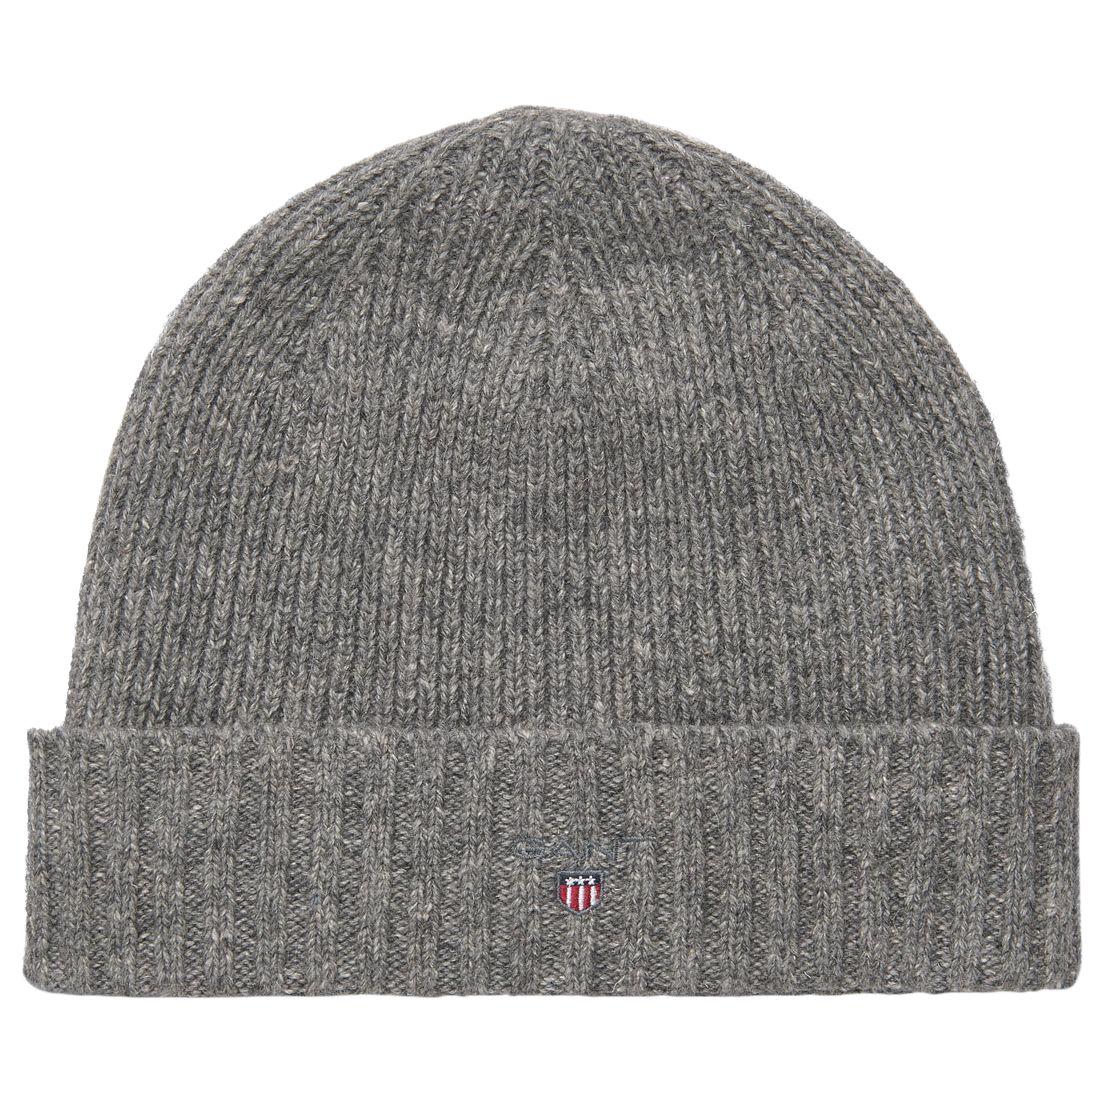 0be5e2a0d34 GANT Wool Cotton Beanie Hat